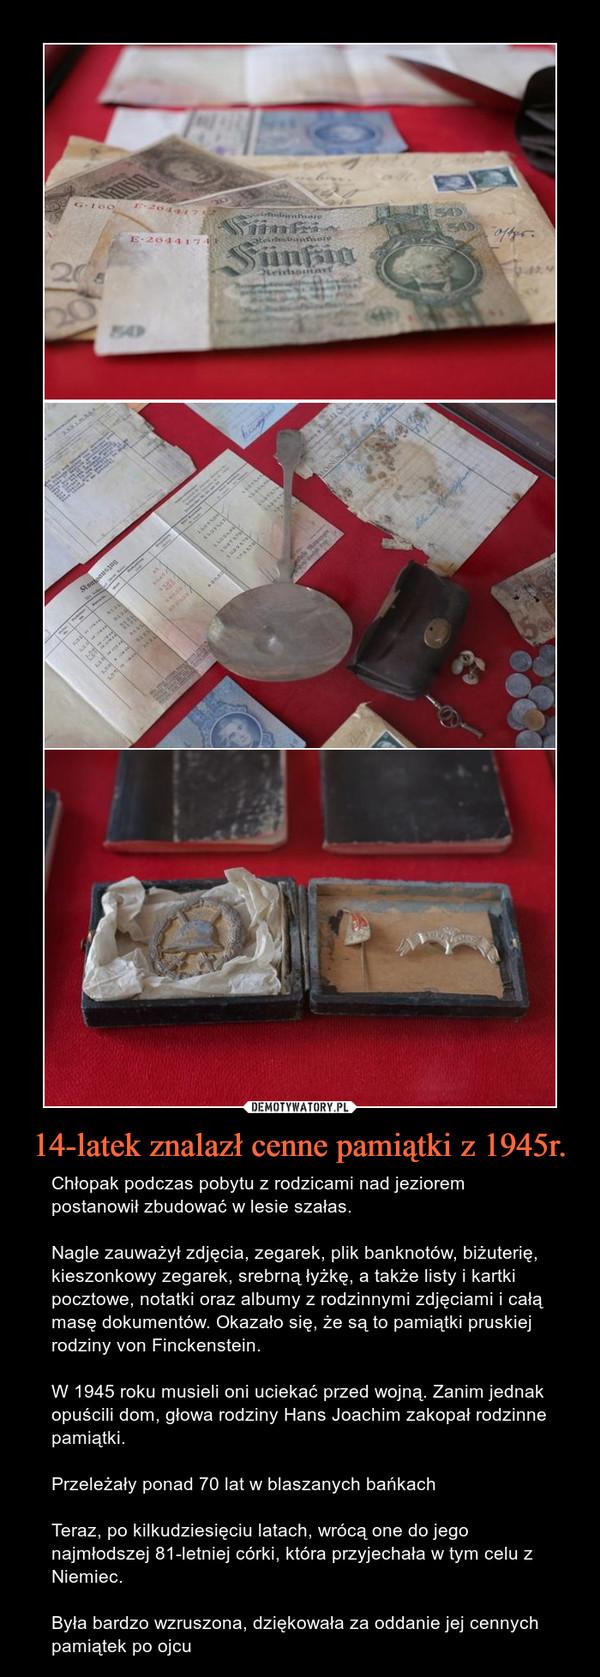 14-latek znalazł cenne pamiątki z 1945r. – Chłopak podczas pobytu z rodzicami nad jeziorem postanowił zbudować w lesie szałas. Nagle zauważył zdjęcia, zegarek, plik banknotów, biżuterię, kieszonkowy zegarek, srebrną łyżkę, a także listy i kartki pocztowe, notatki oraz albumy z rodzinnymi zdjęciami i całą masę dokumentów. Okazało się, że są to pamiątki pruskiej rodziny von Finckenstein.W 1945 roku musieli oni uciekać przed wojną. Zanim jednak opuścili dom, głowa rodziny Hans Joachim zakopał rodzinne pamiątki.Przeleżały ponad 70 lat w blaszanych bańkach Teraz, po kilkudziesięciu latach, wrócą one do jego najmłodszej 81-letniej córki, która przyjechała w tym celu z Niemiec.Była bardzo wzruszona, dziękowała za oddanie jej cennych pamiątek po ojcu